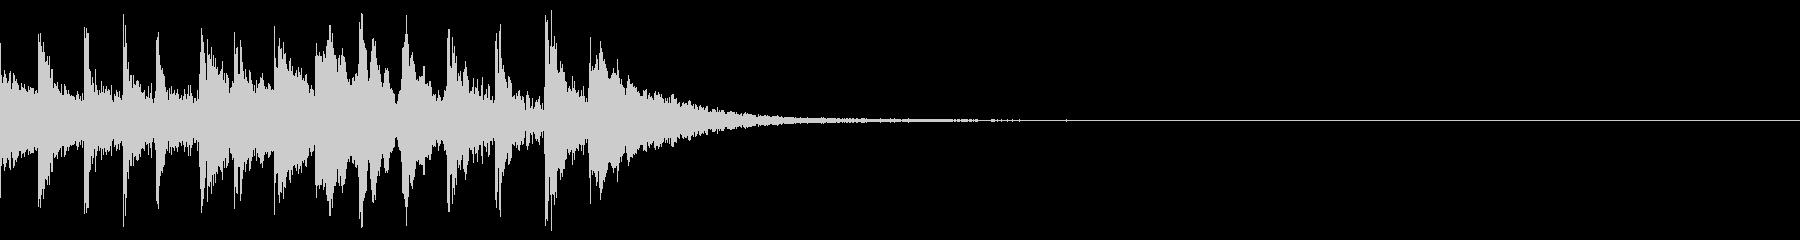 ジャララン 上昇 トイピアノの未再生の波形